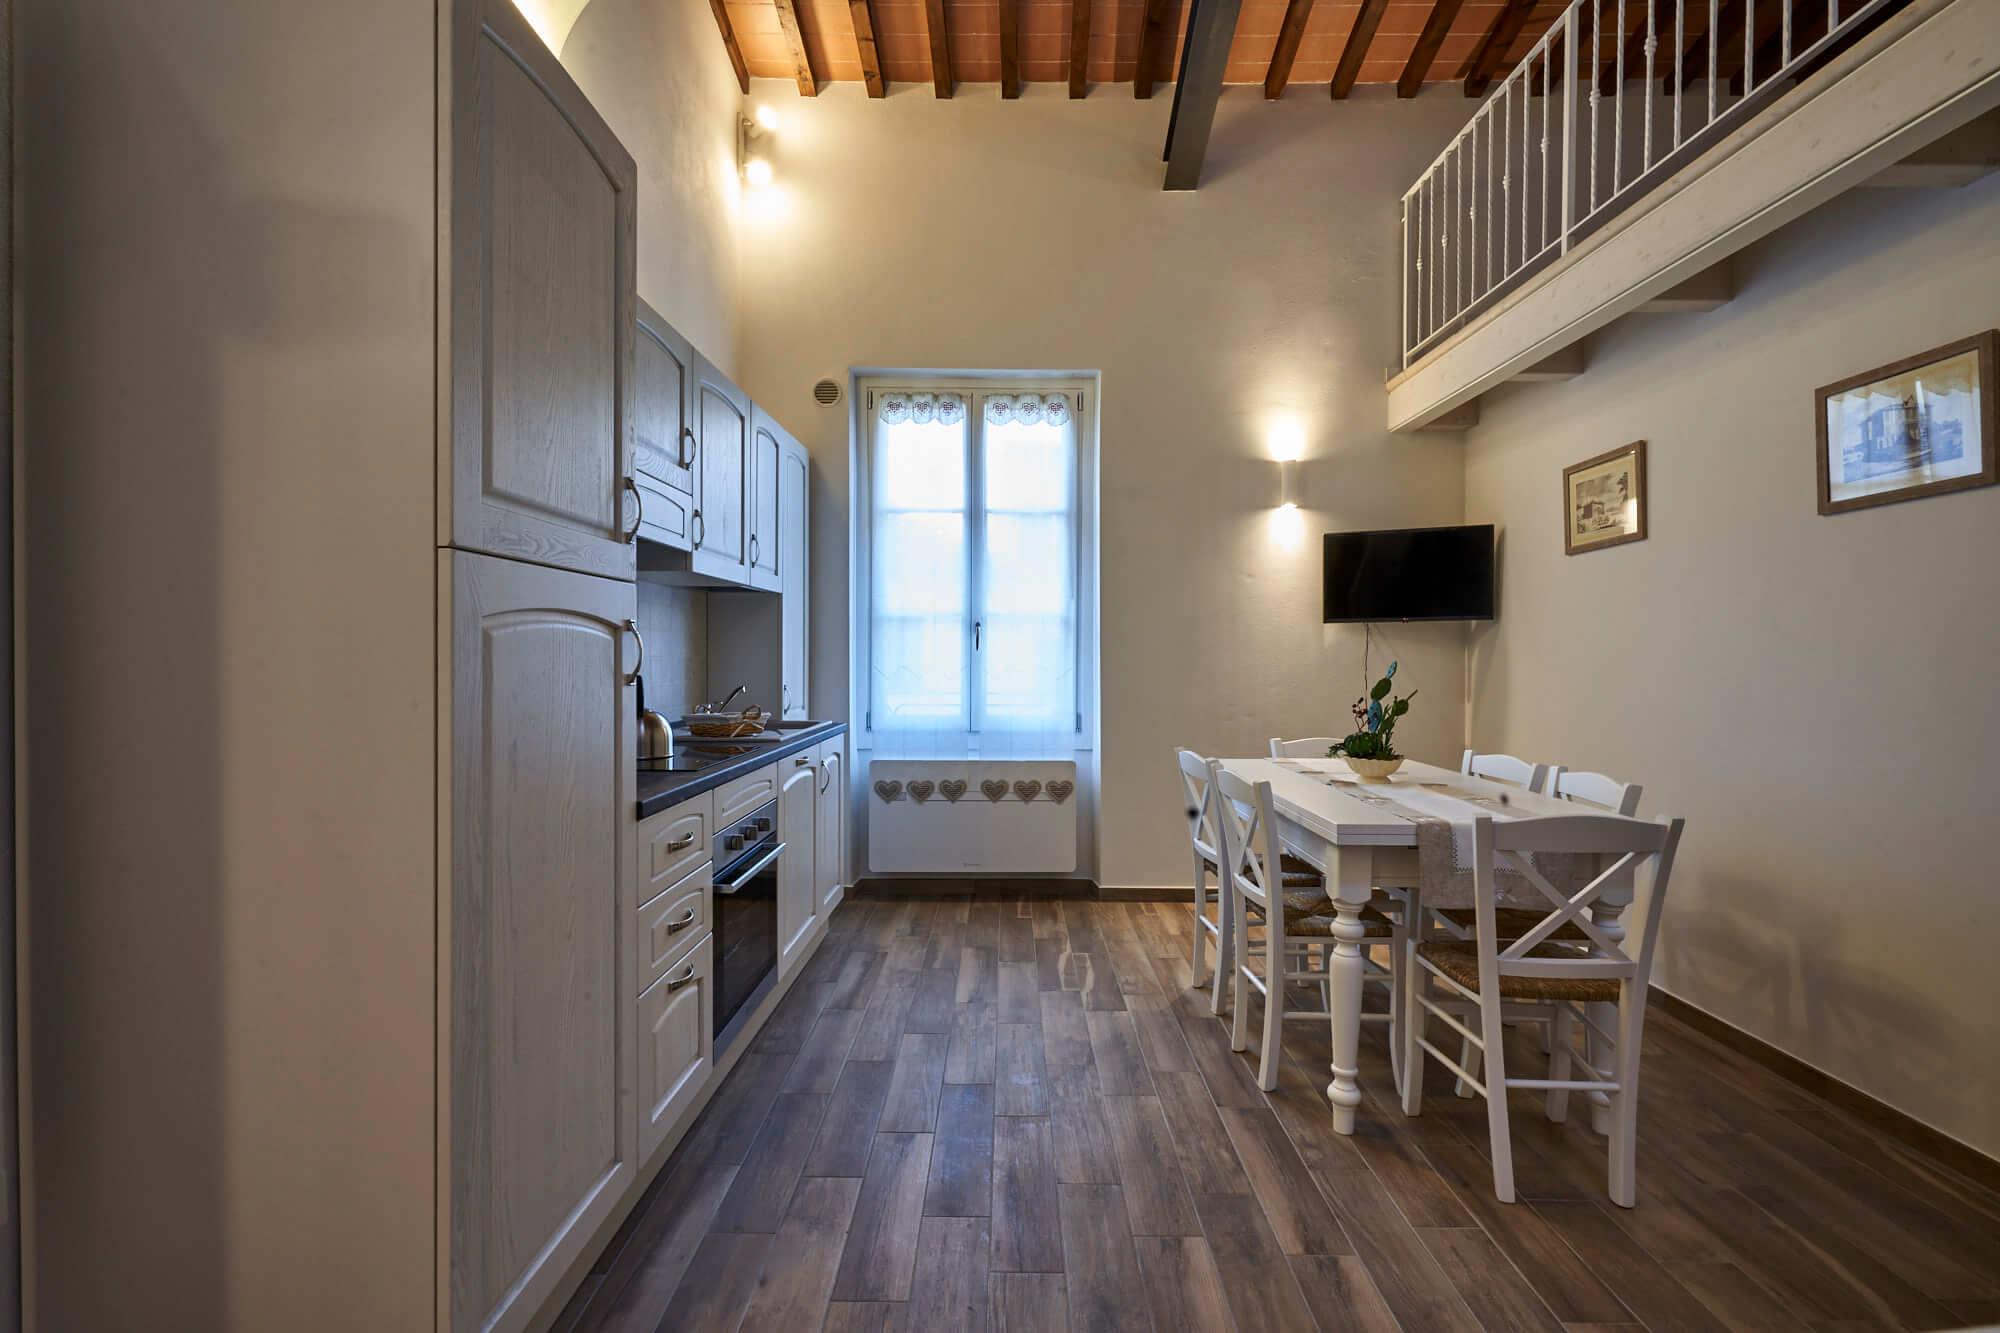 Kitchen, The Magnificent Apartment in Poggio a Caiano. Apartment for rent with 4 beds, Poggio a Caiano, Prato, near Villa Medicea